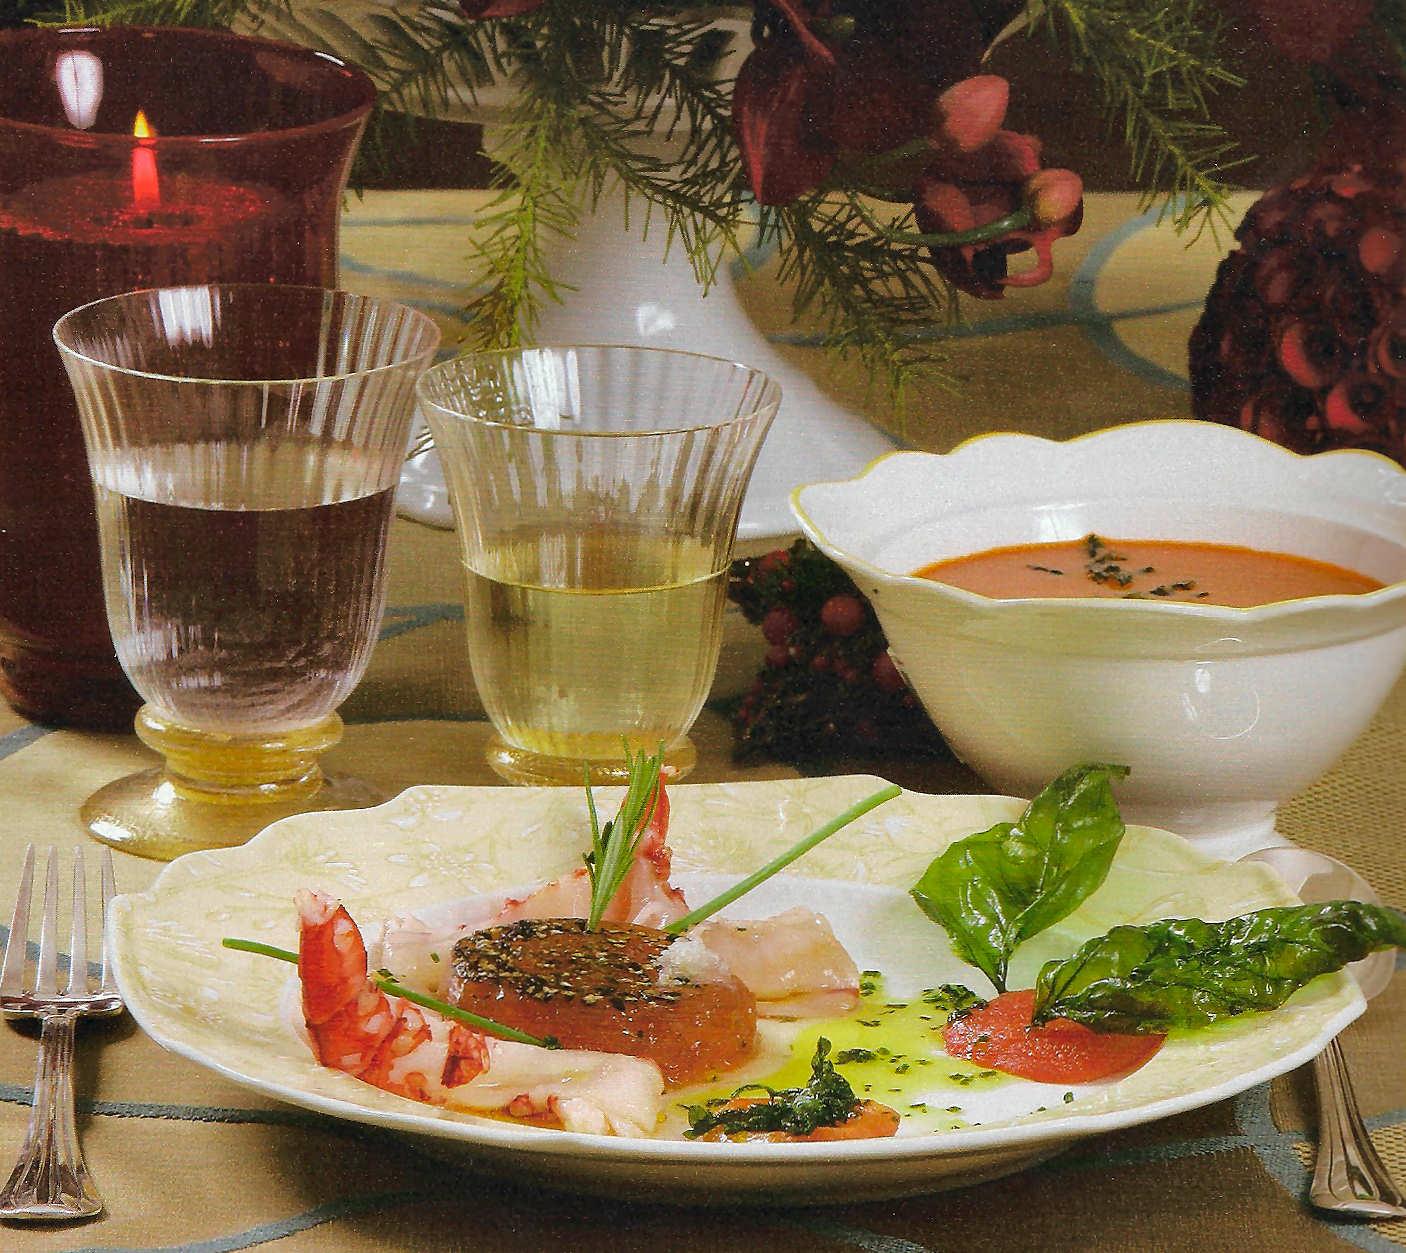 ensalada-carabineros-tomillo-tomate-asado-albahaca